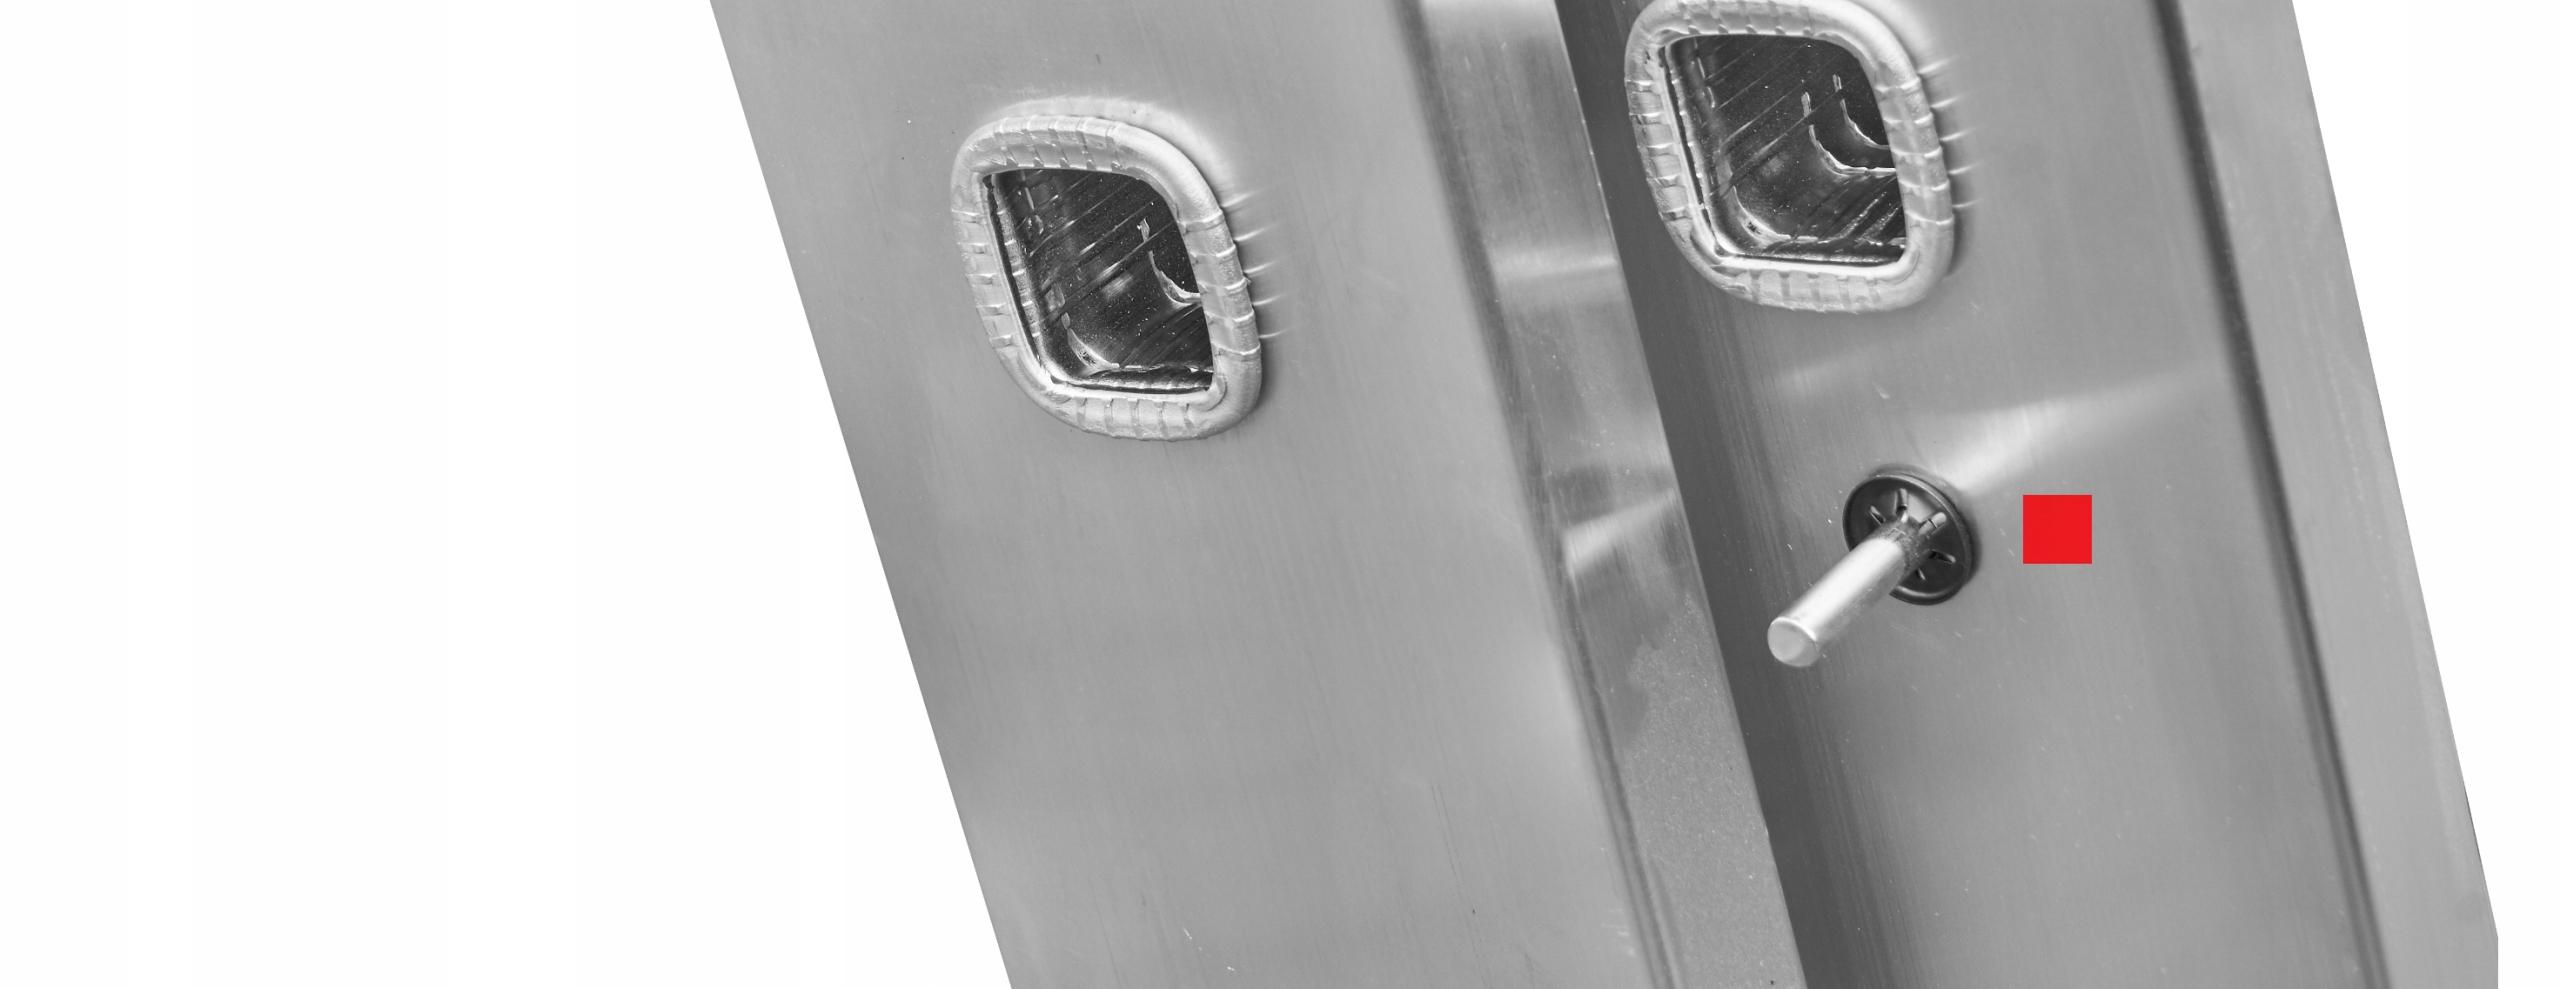 DRABINA aluminiowa WIELOFUNKCYJNA 3x9 150 kg +HAK Maksymalny udźwig 150 kg